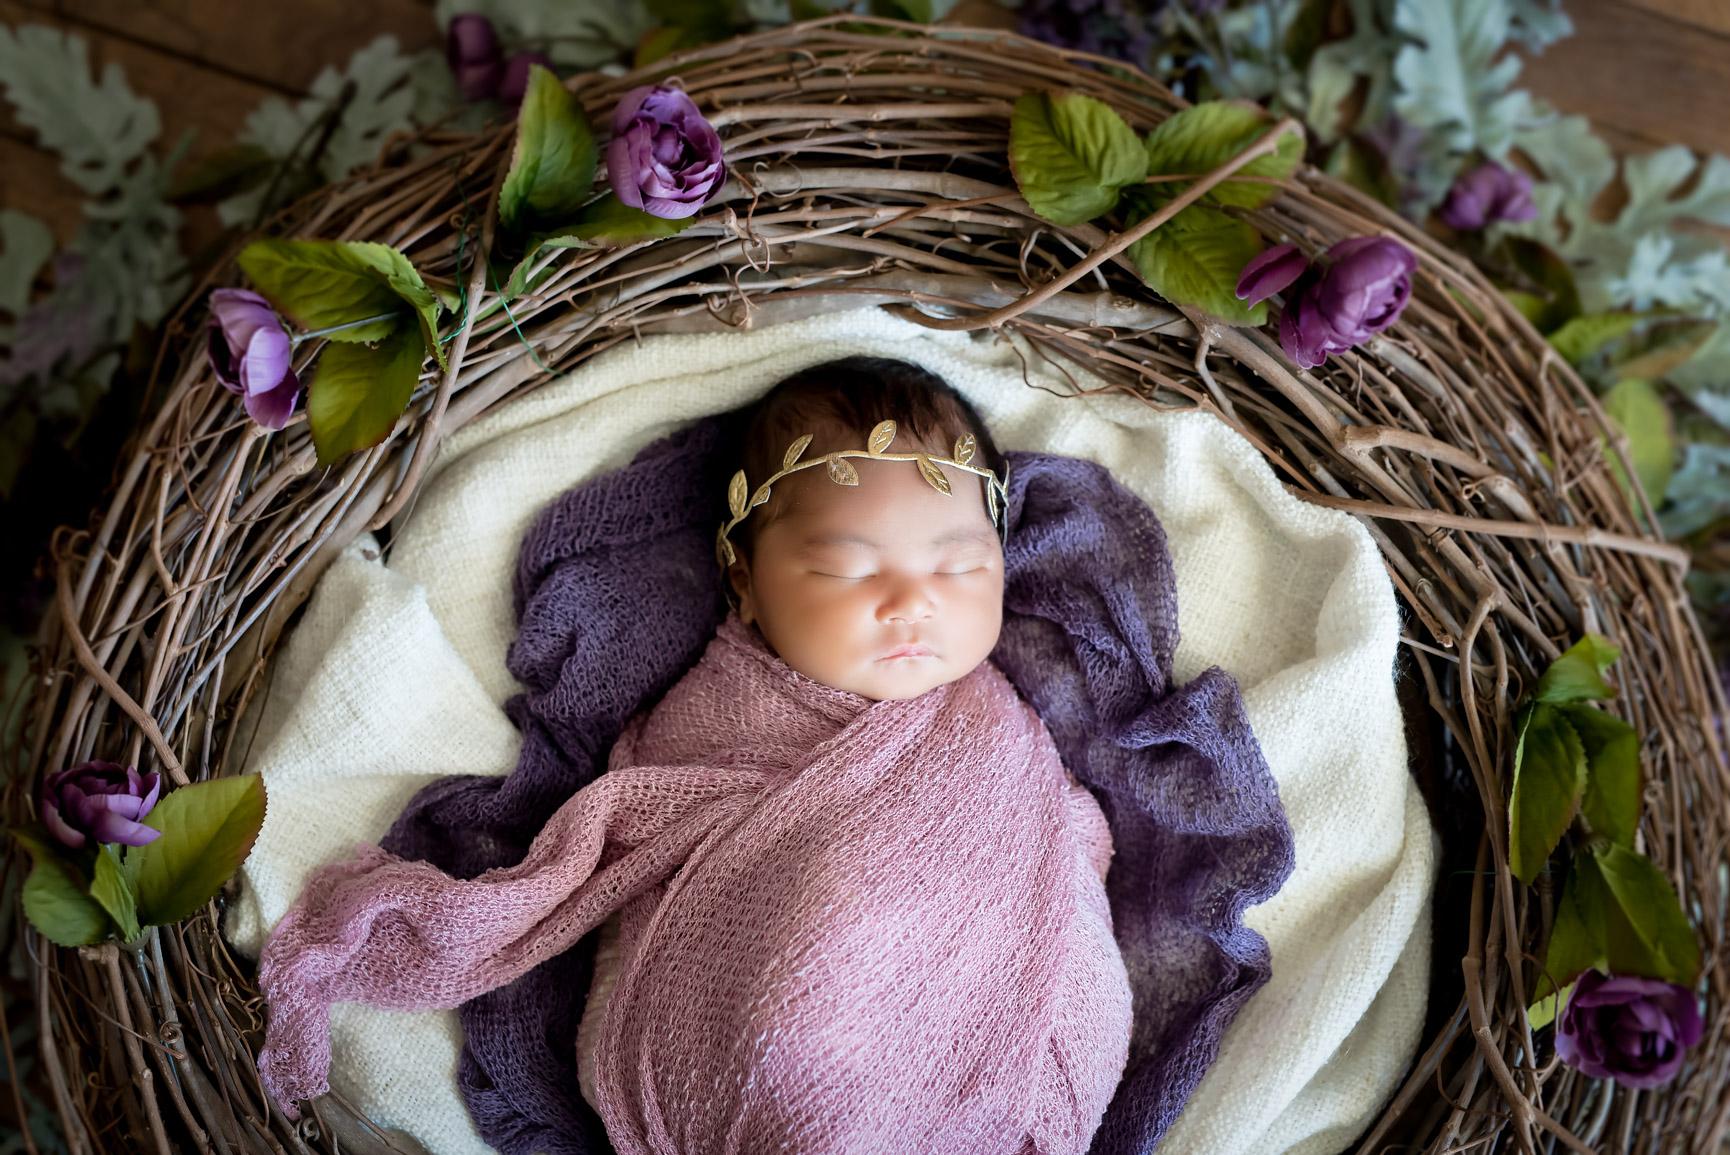 Baby MiaDSC_7367-Edit-Edit.jpg